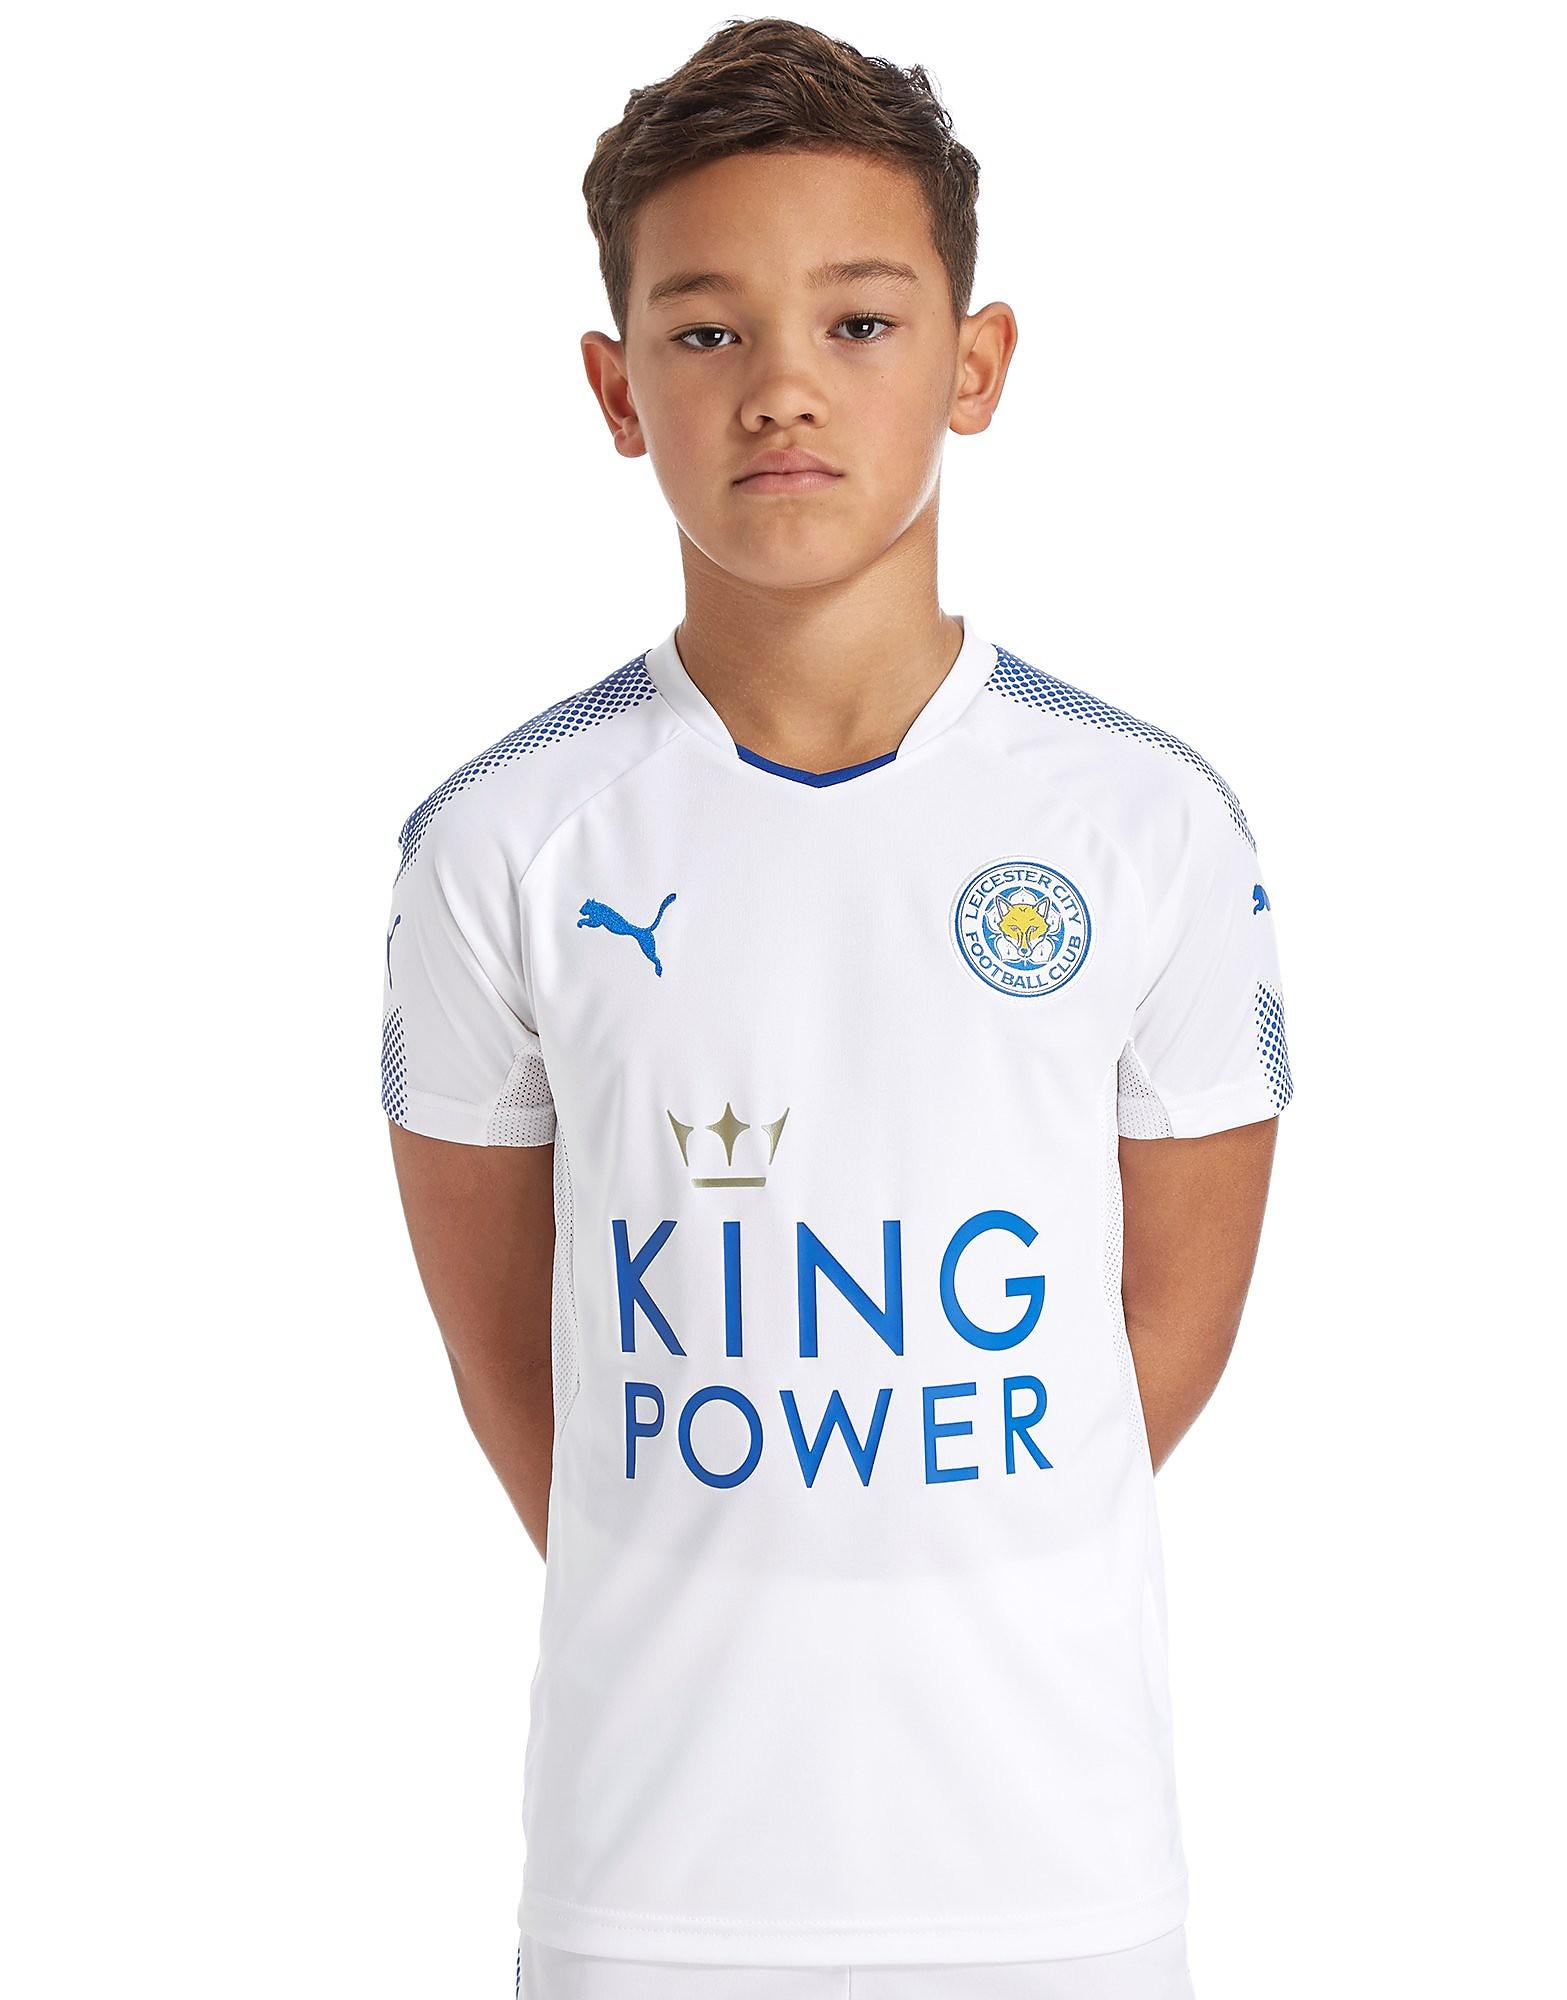 PUMA Leicester City FC 2017/18 Third Shirt Junior